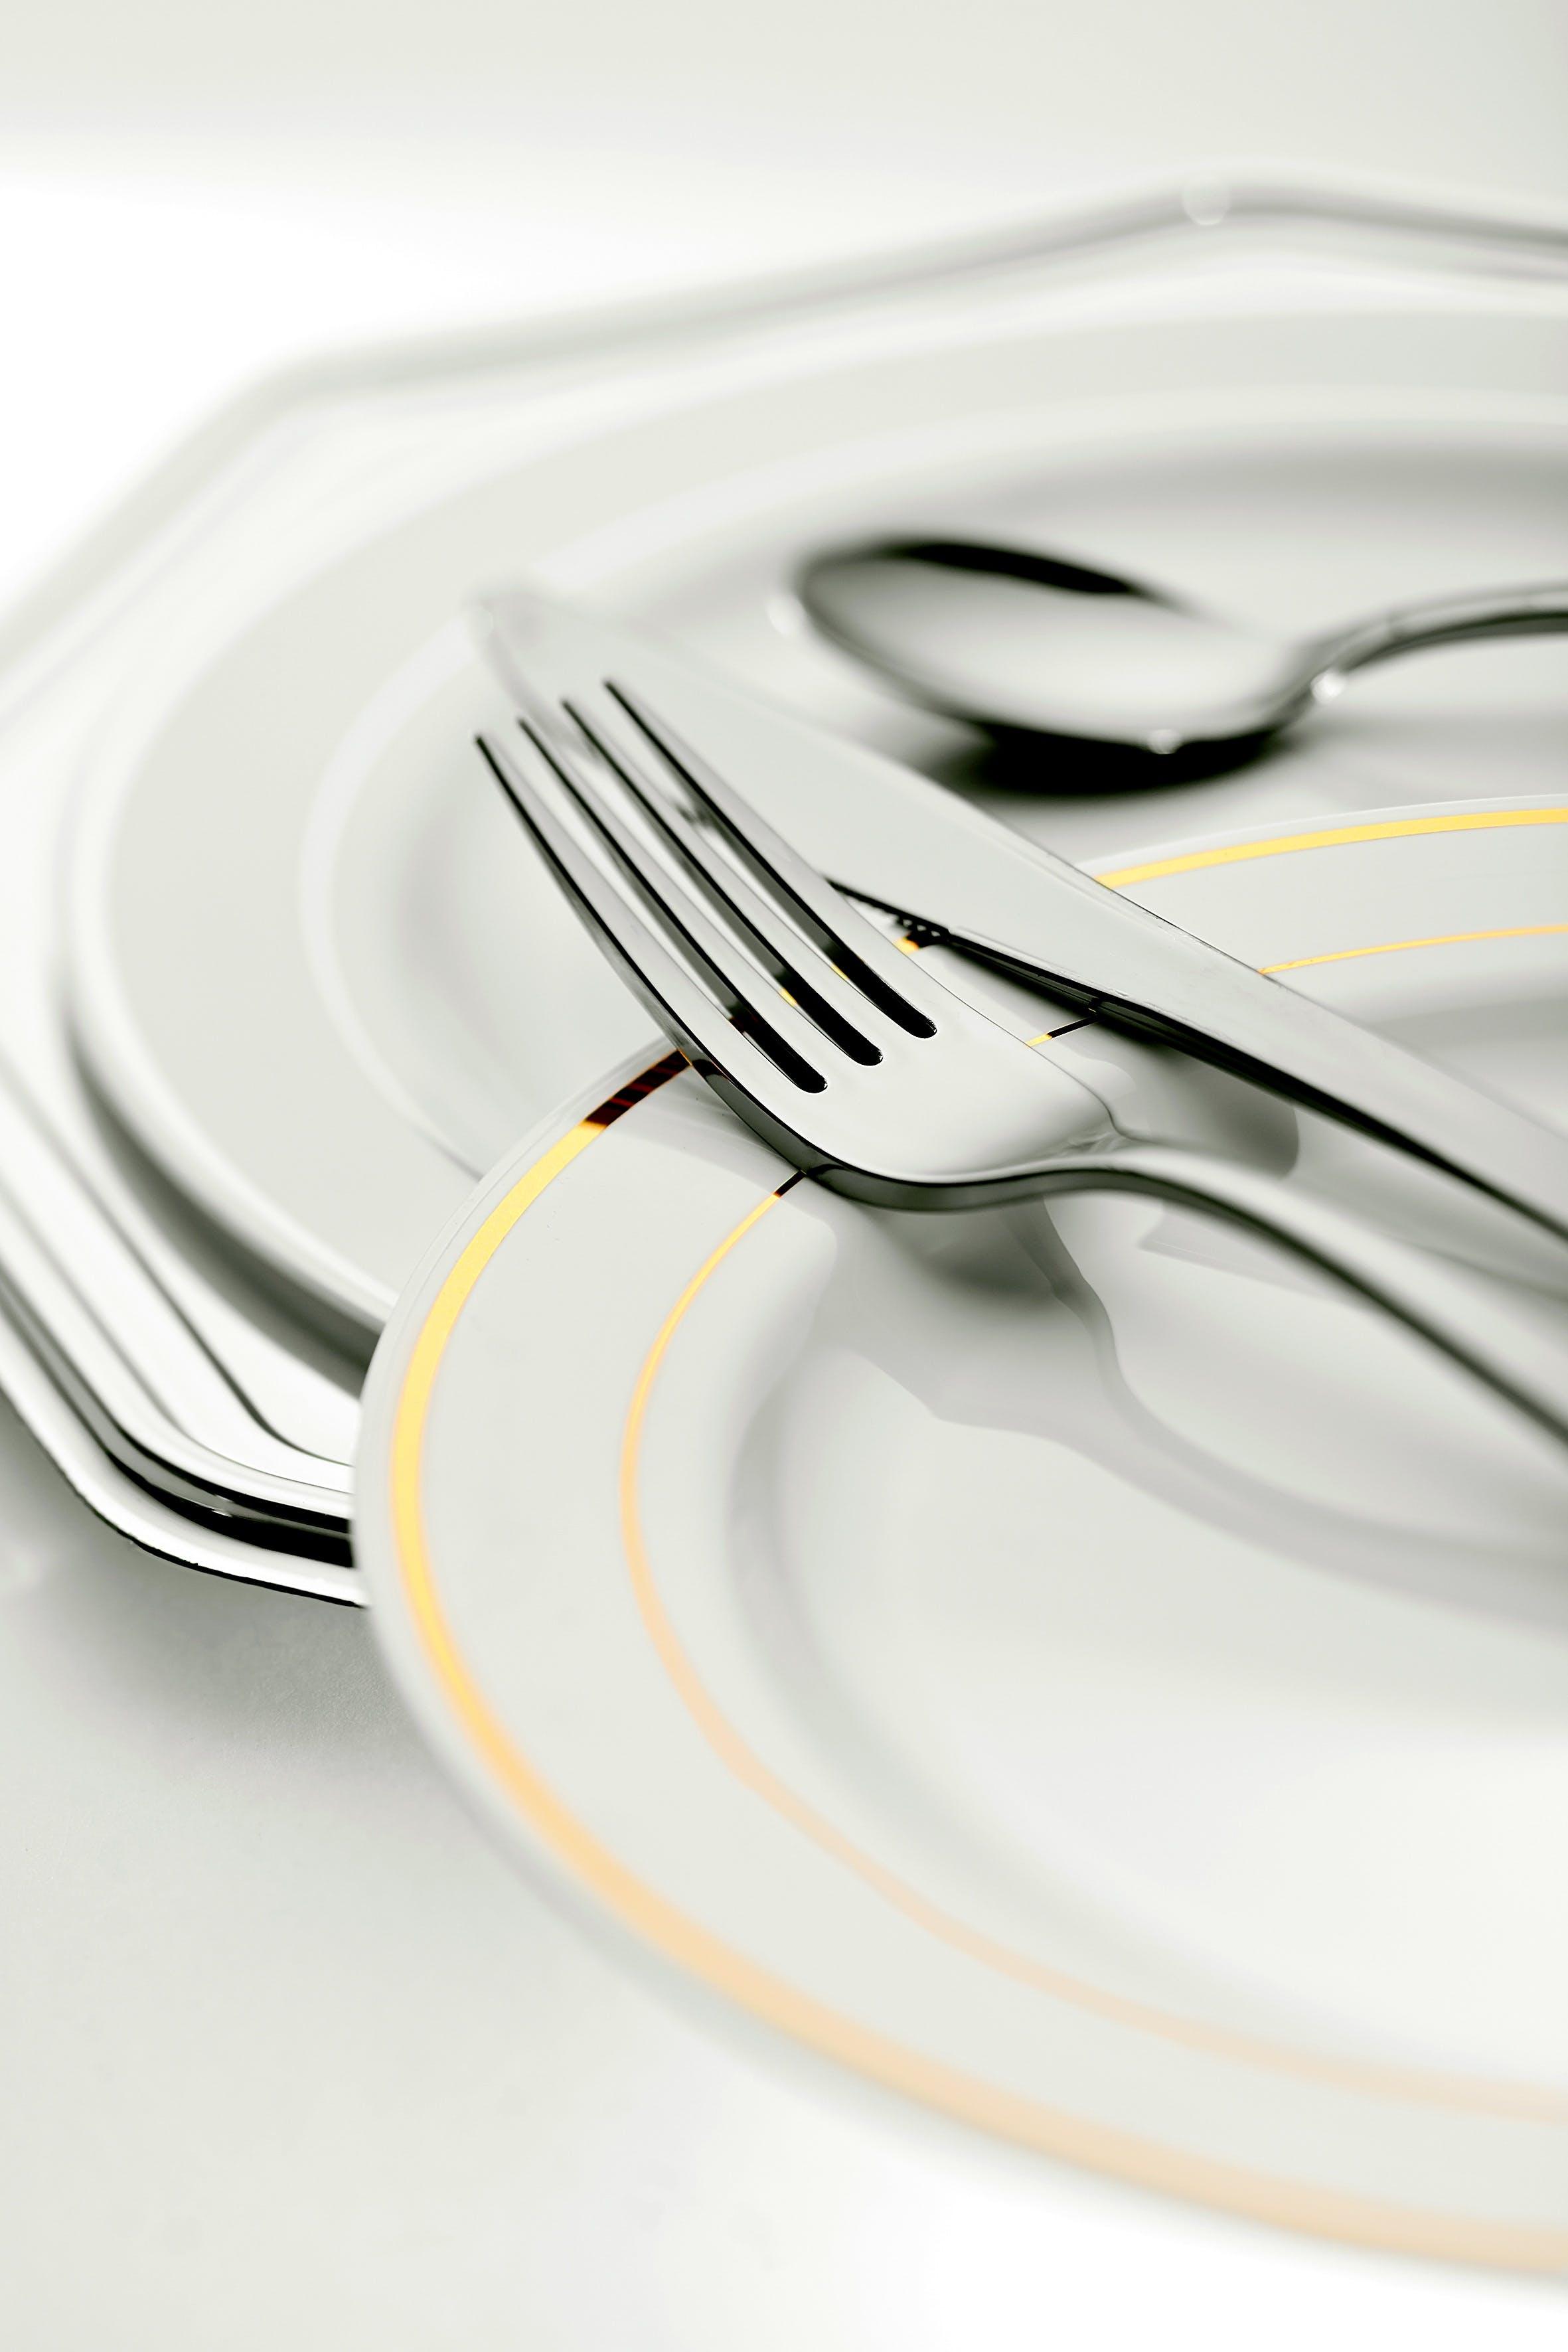 kuchyňské potřeby, lžíce, ostření